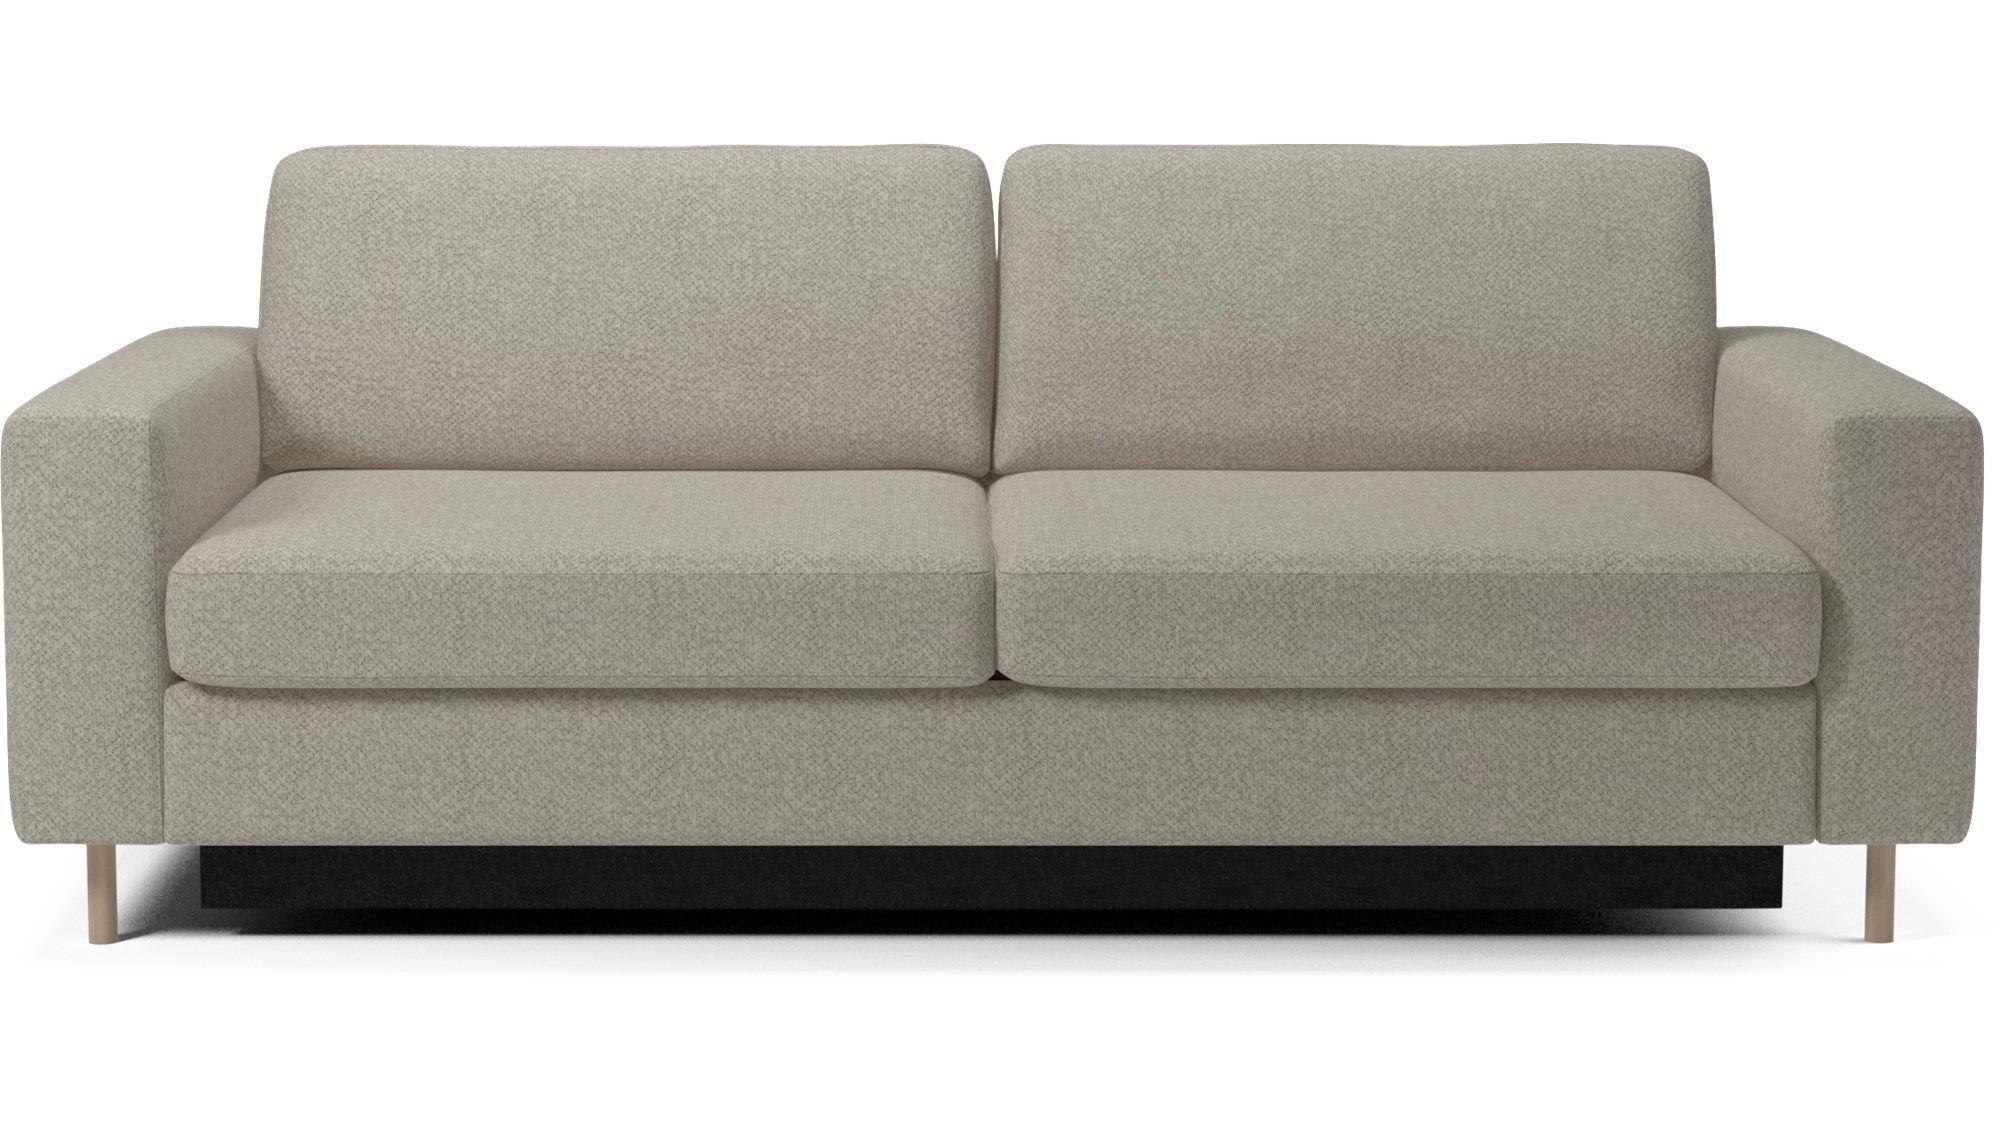 die besten 25 kaltschaum ideen auf pinterest paletten kissen sofasitzkissen und. Black Bedroom Furniture Sets. Home Design Ideas